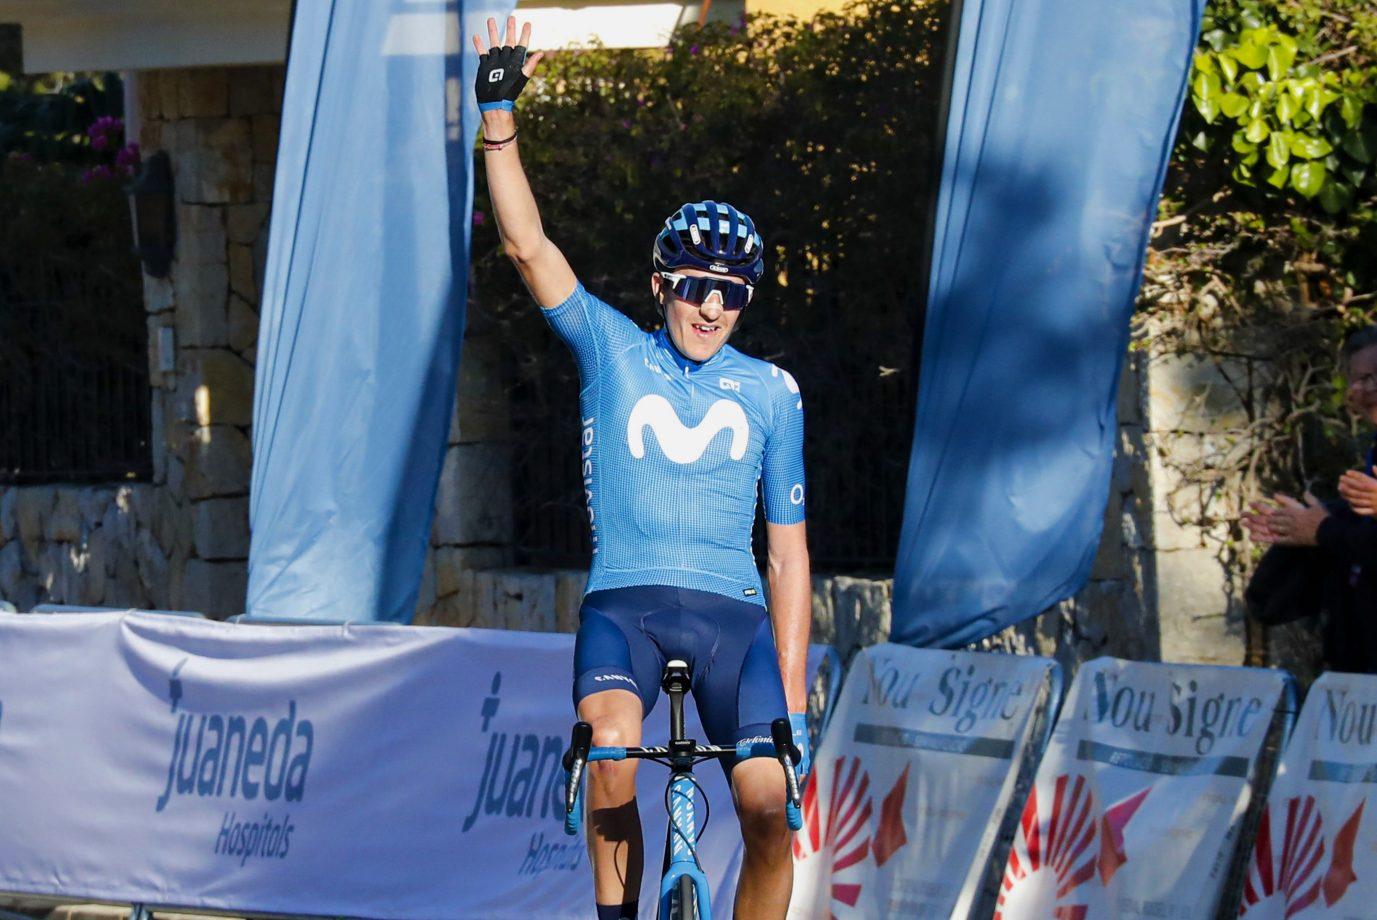 Imagen de la noticia 'Marc Soler claims Movistar Team's first 2020 victory in Mallorca'